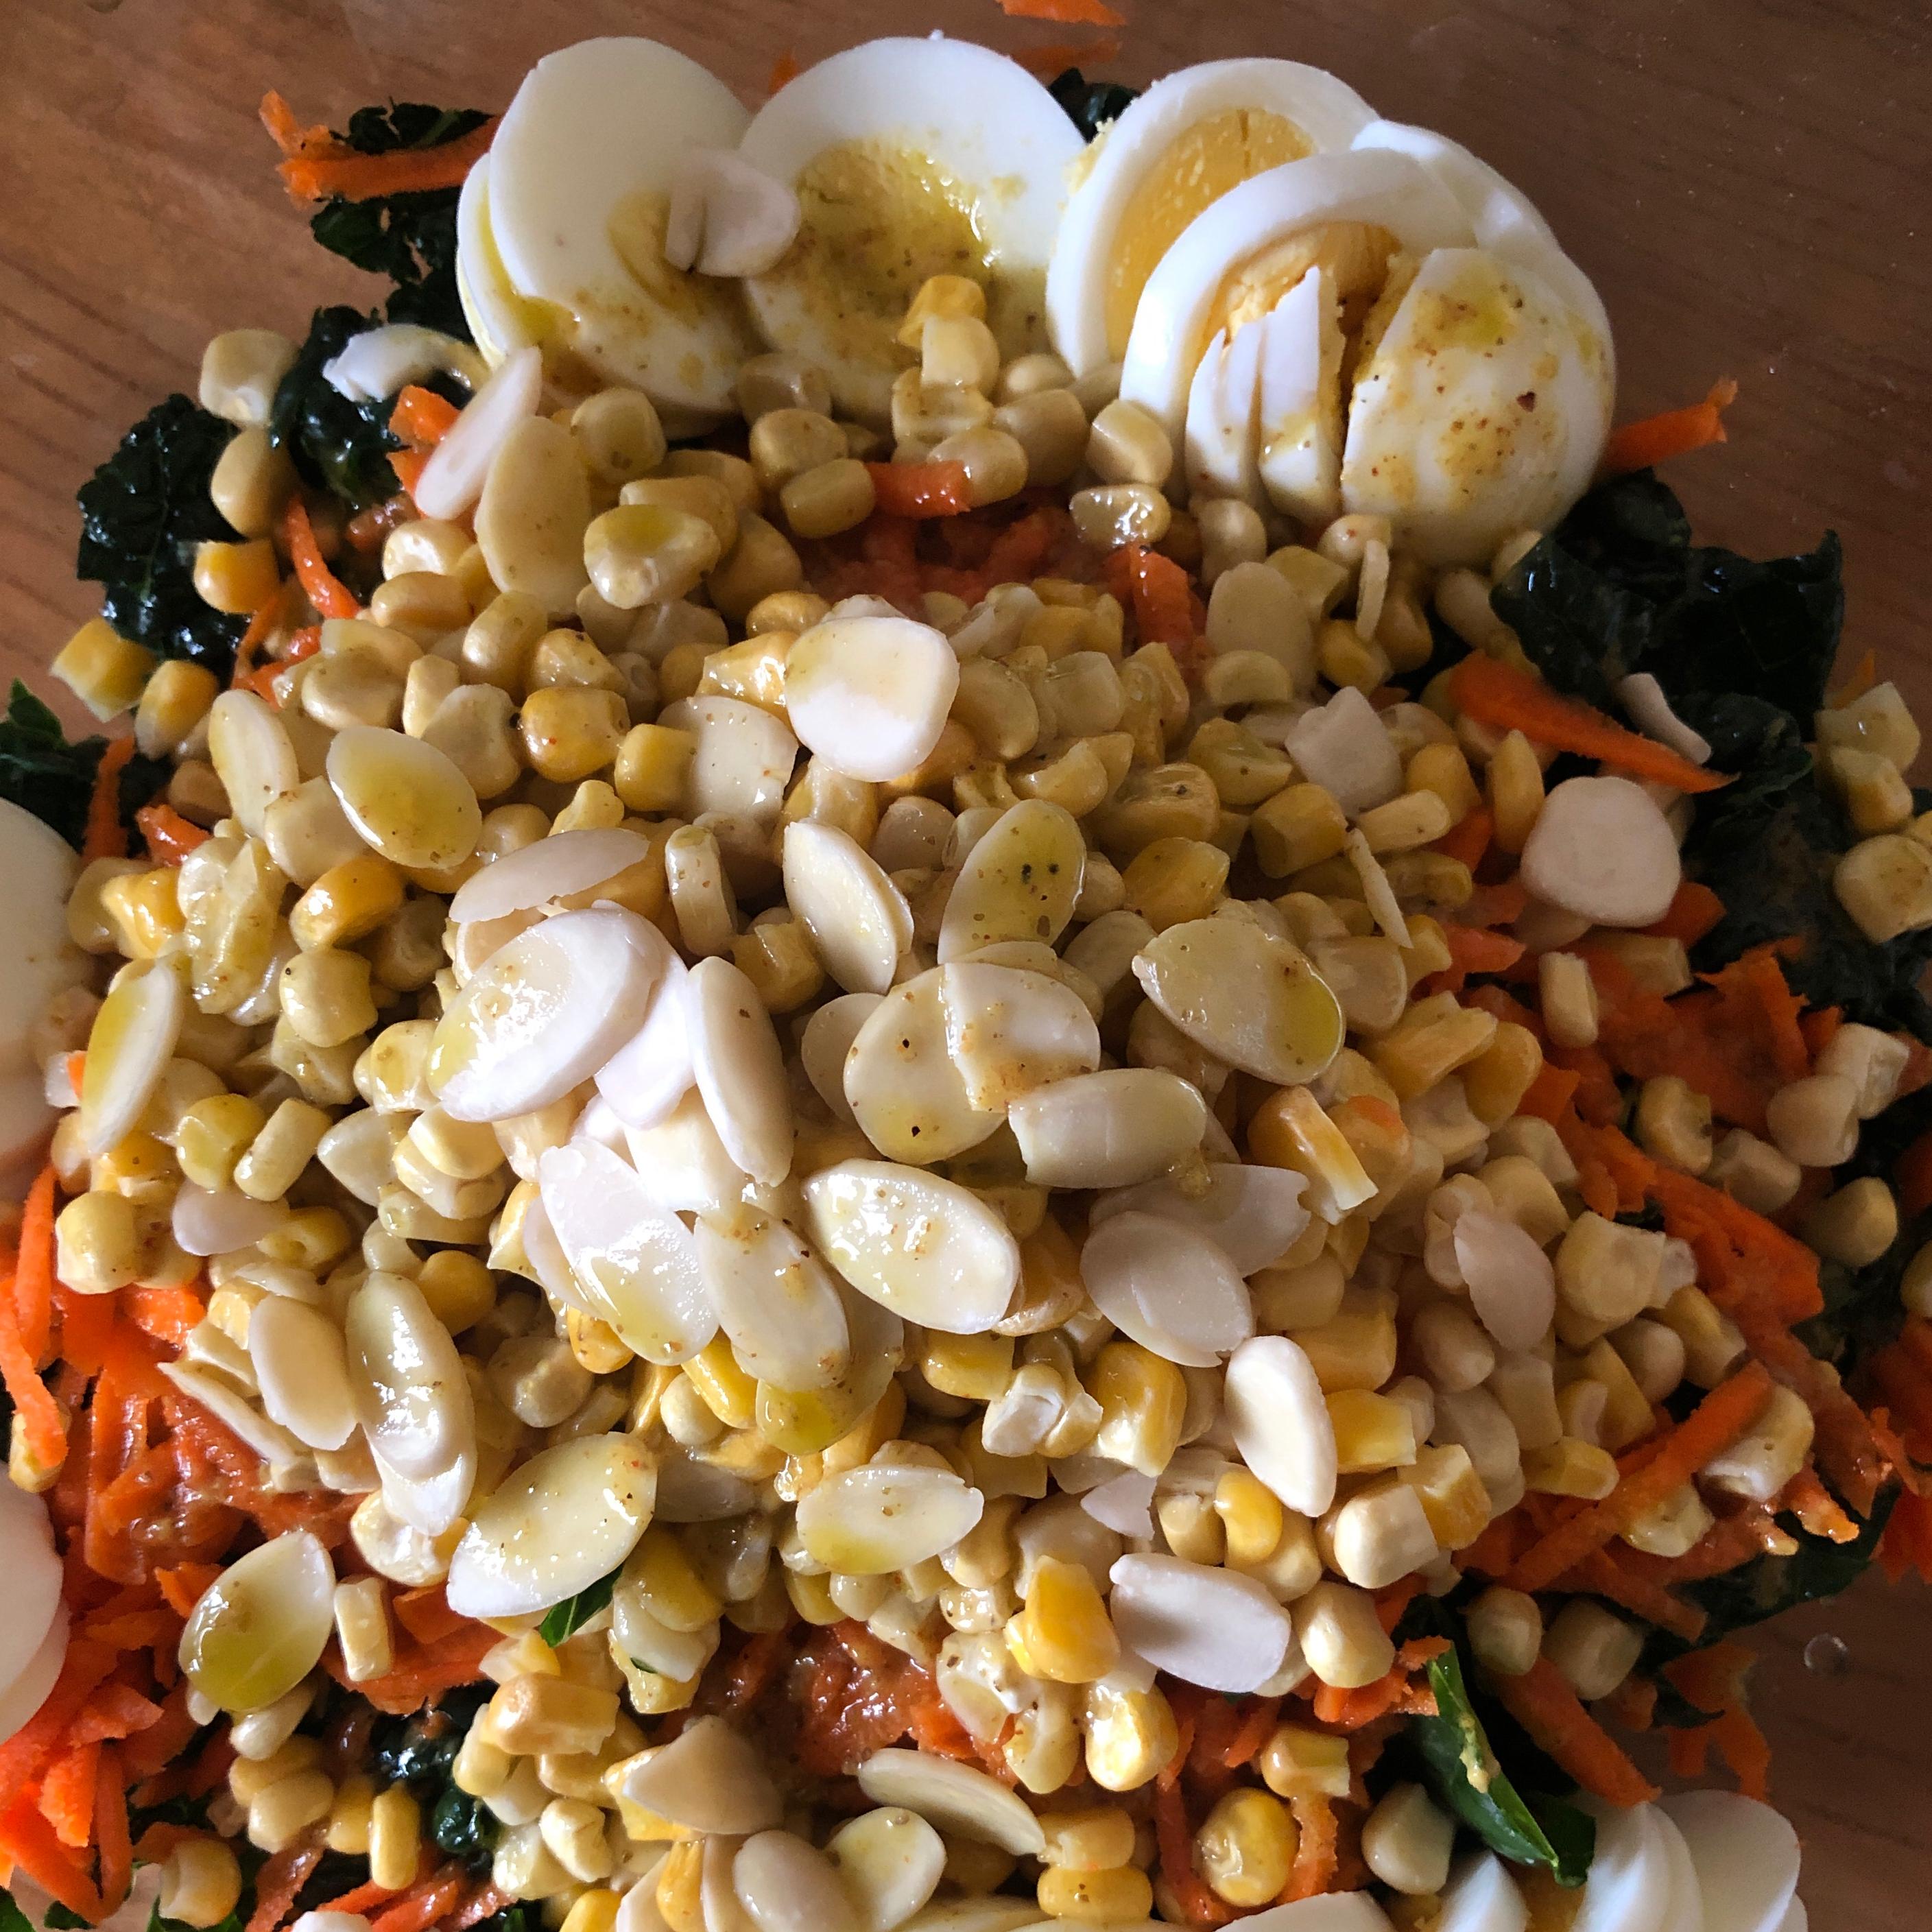 The Best Kale Salad Mindy J's